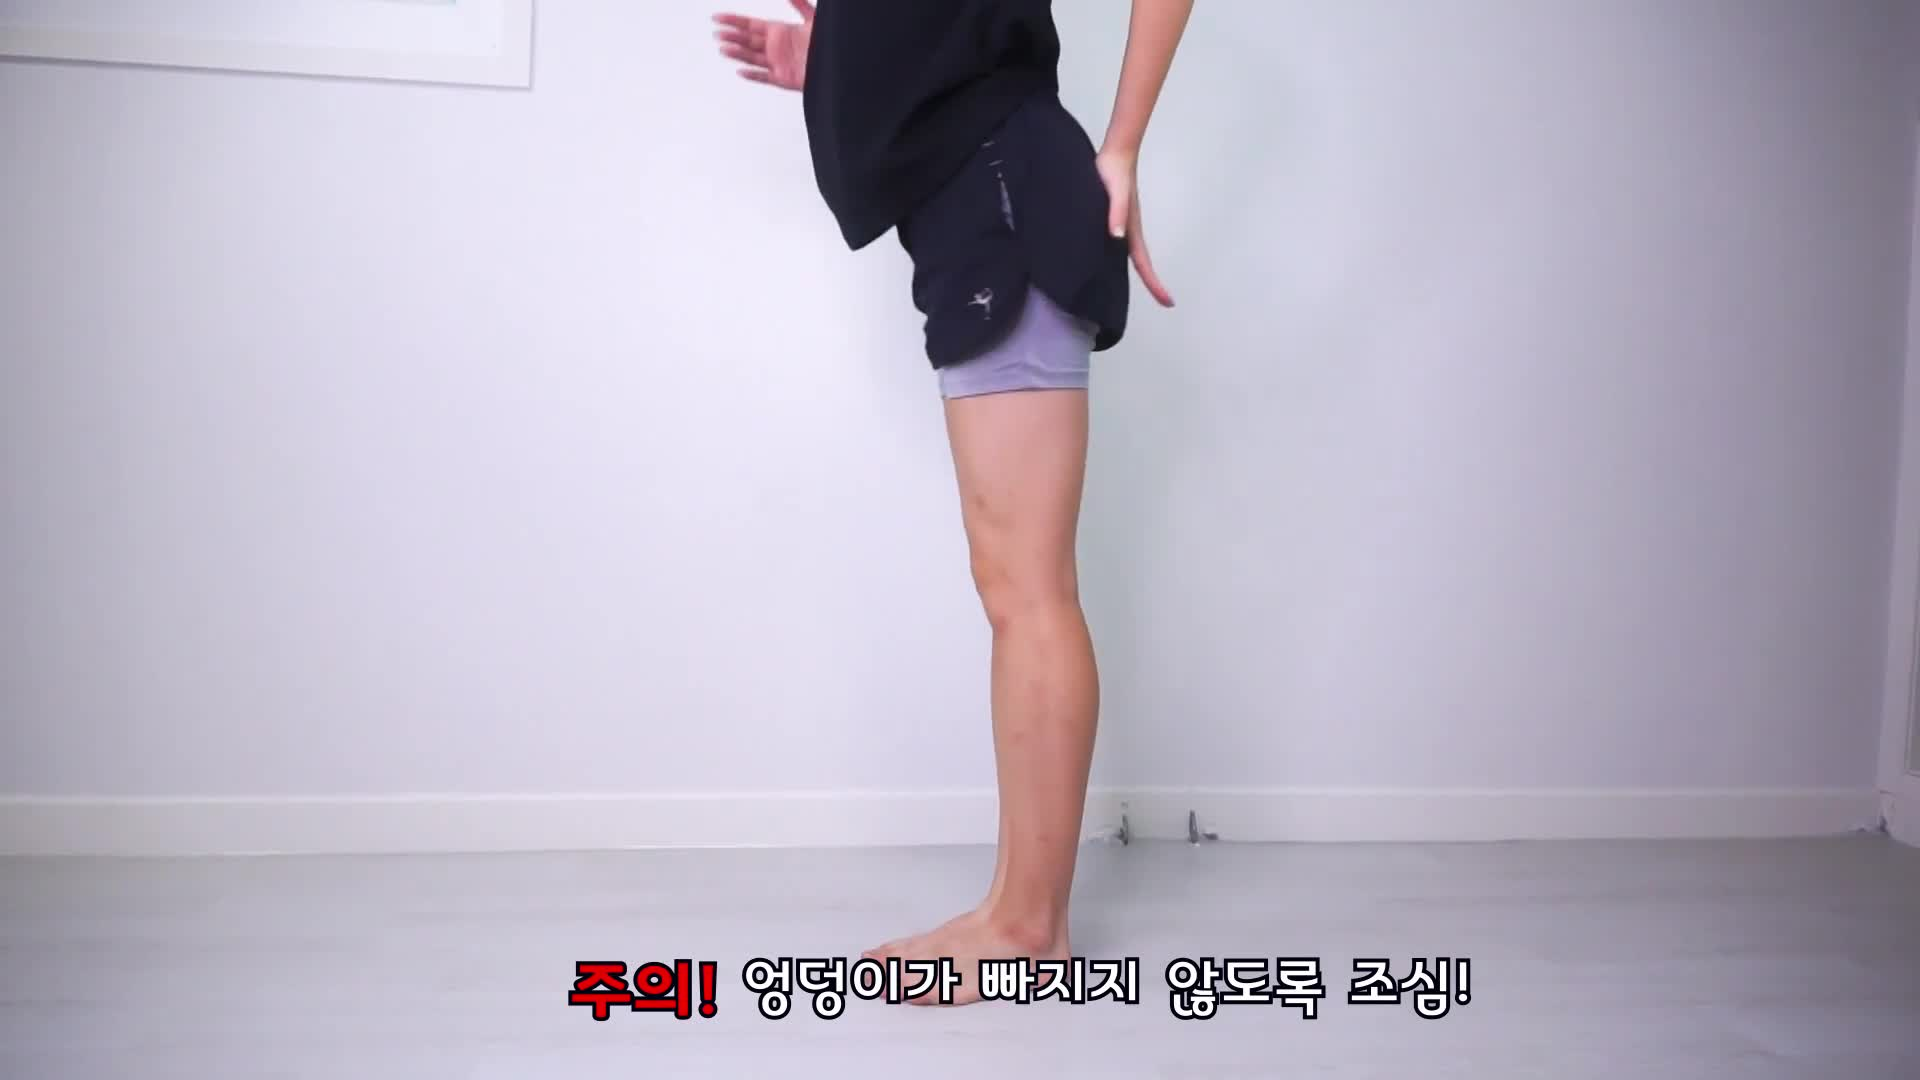 [1분팁]O자형 휜다리 매끈다리 만드는 운동법(다리 고민ㅠ)